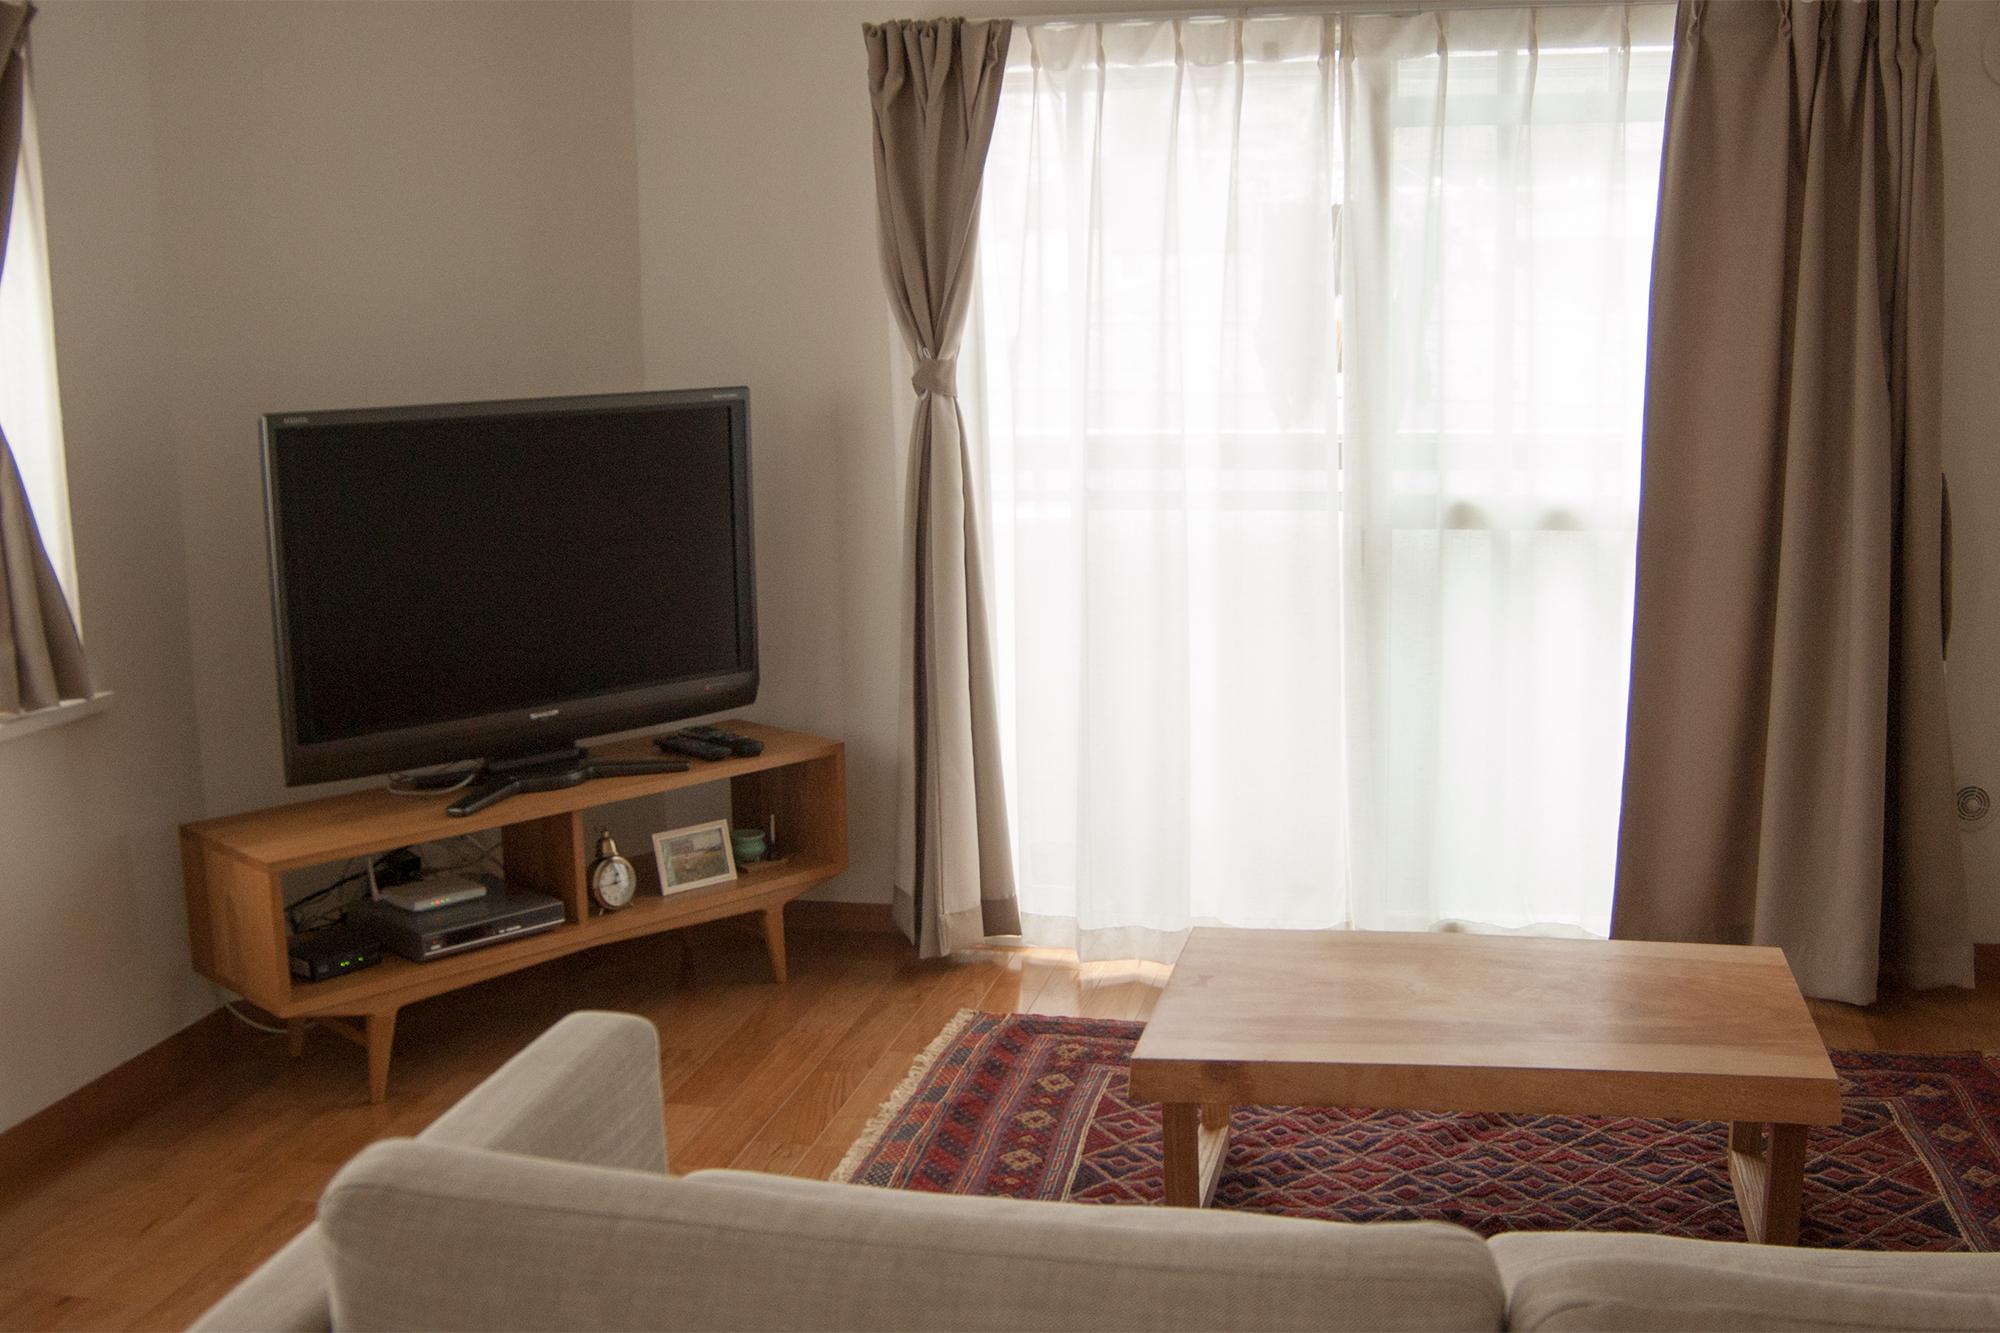 ご新居のための無垢材の家具